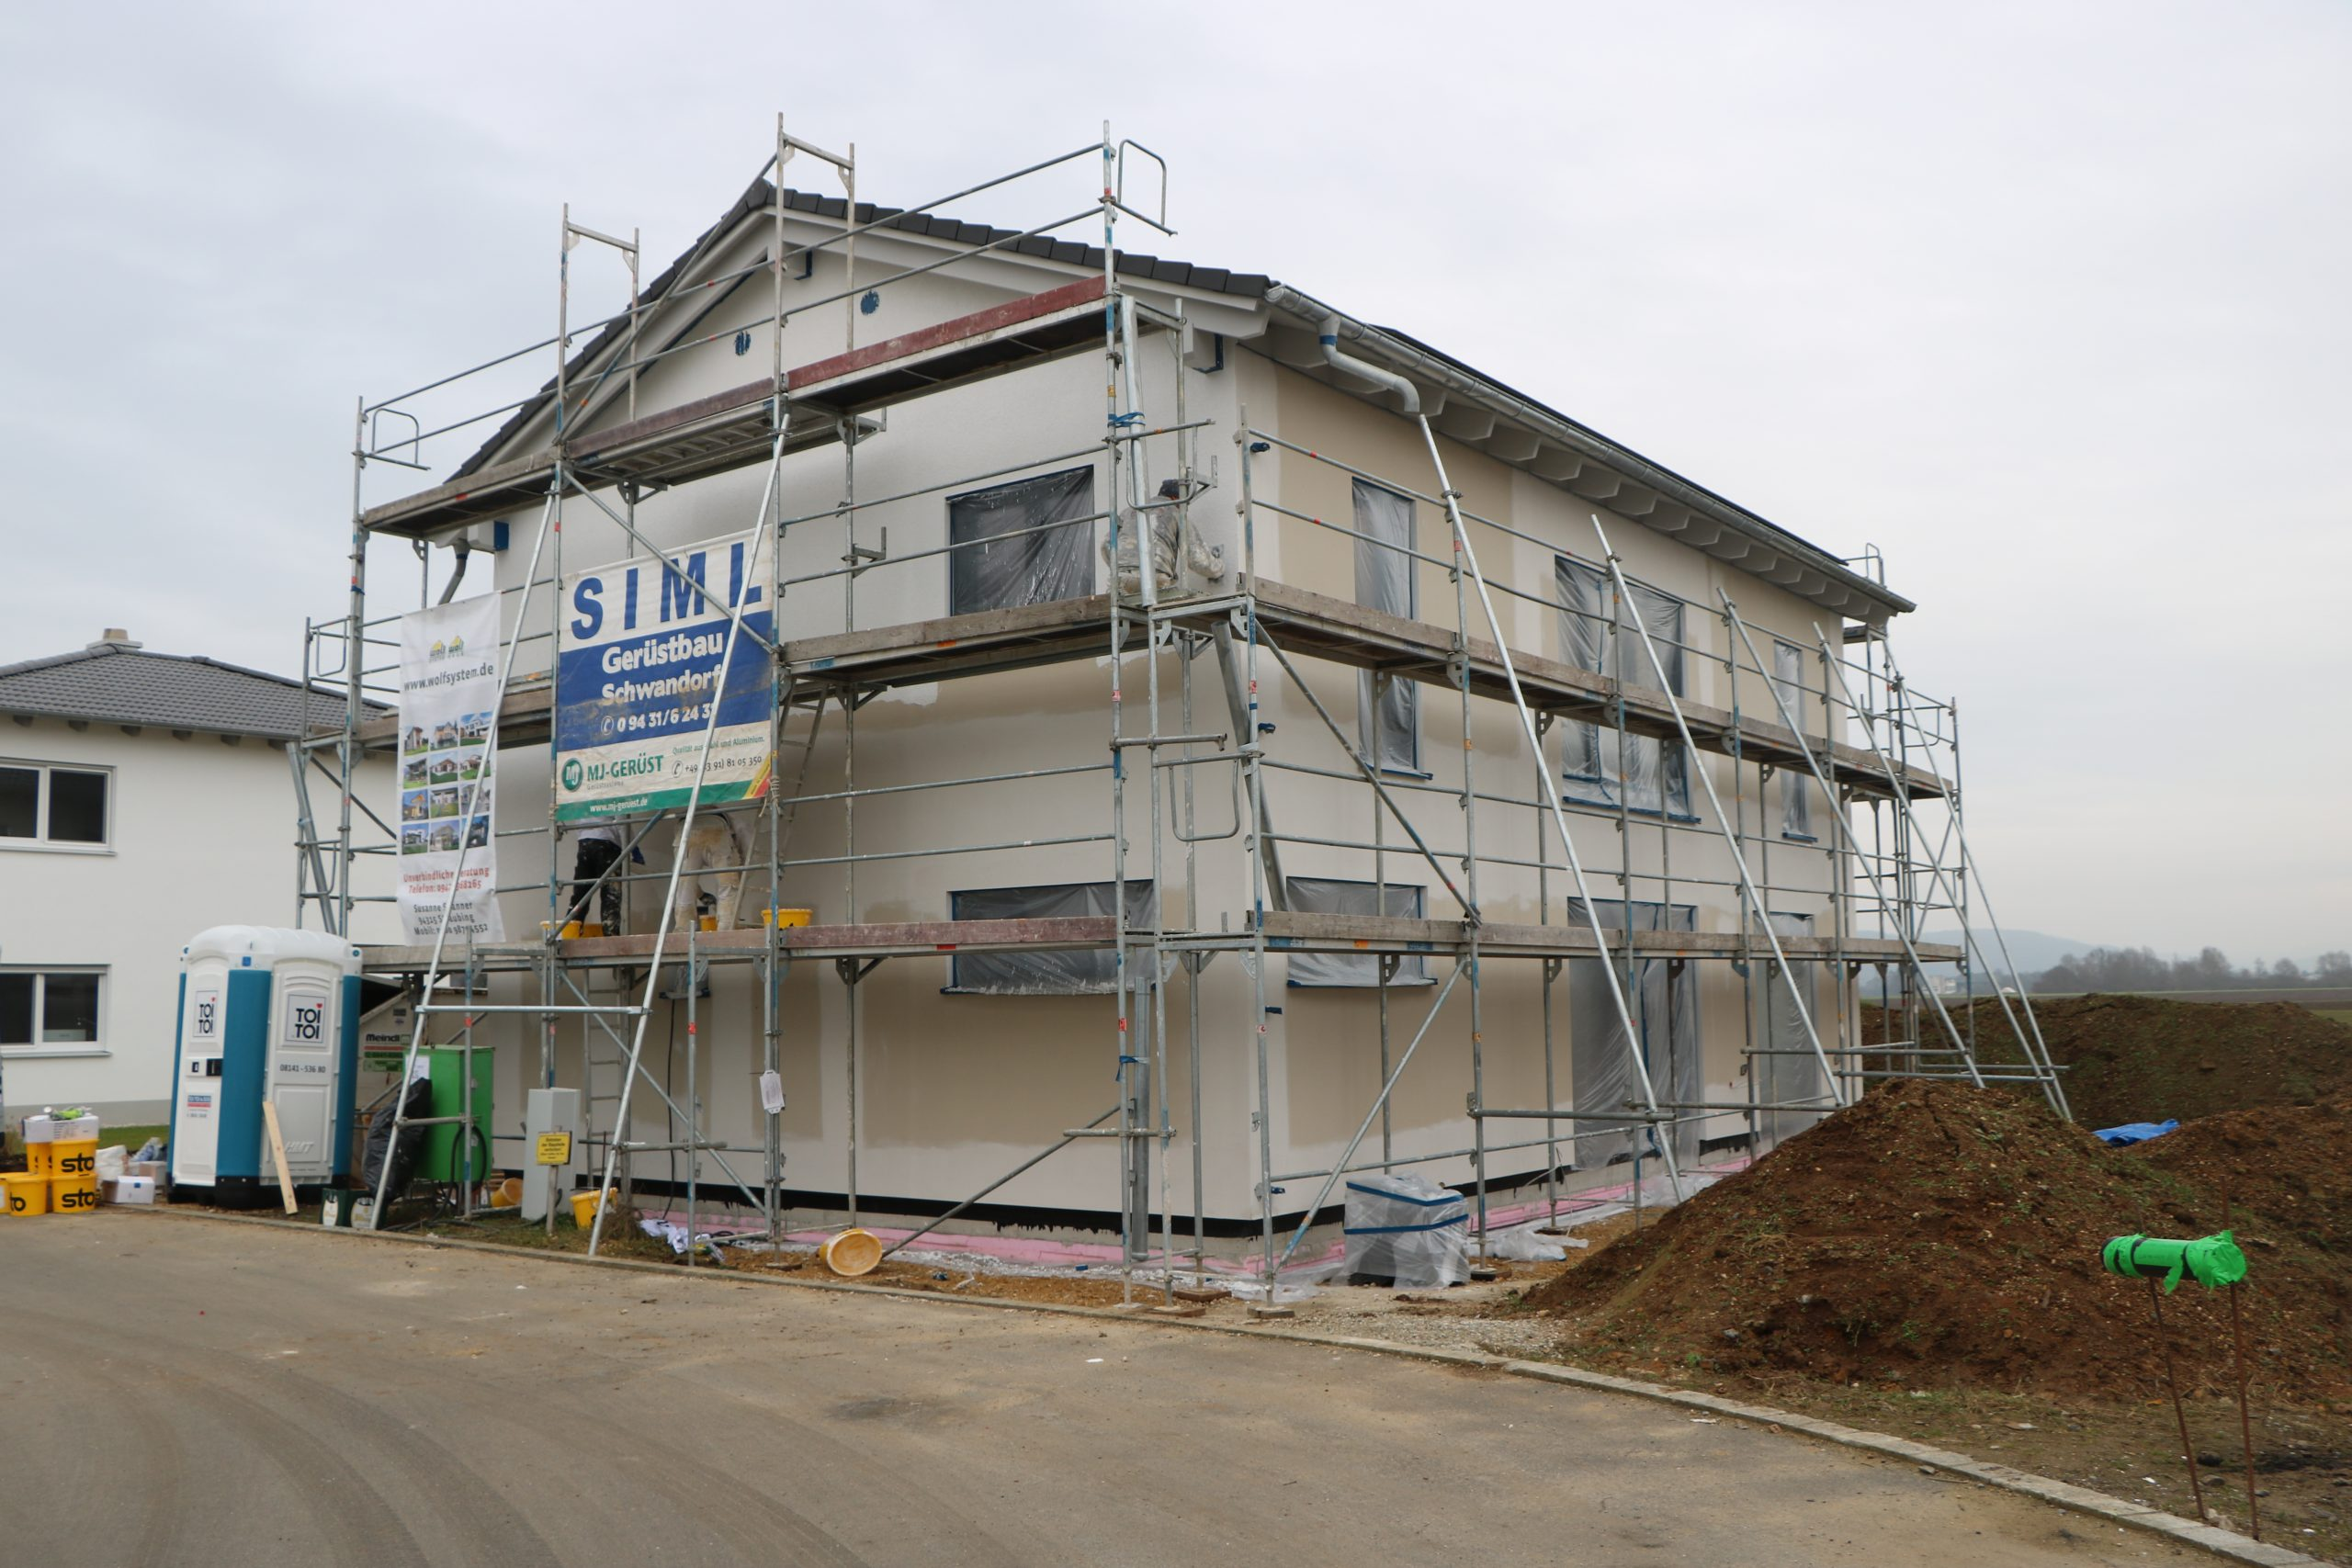 Baubegleitende Qualitaetskontrolle in Barbing von 10.2020 bis 04.2021 scaled